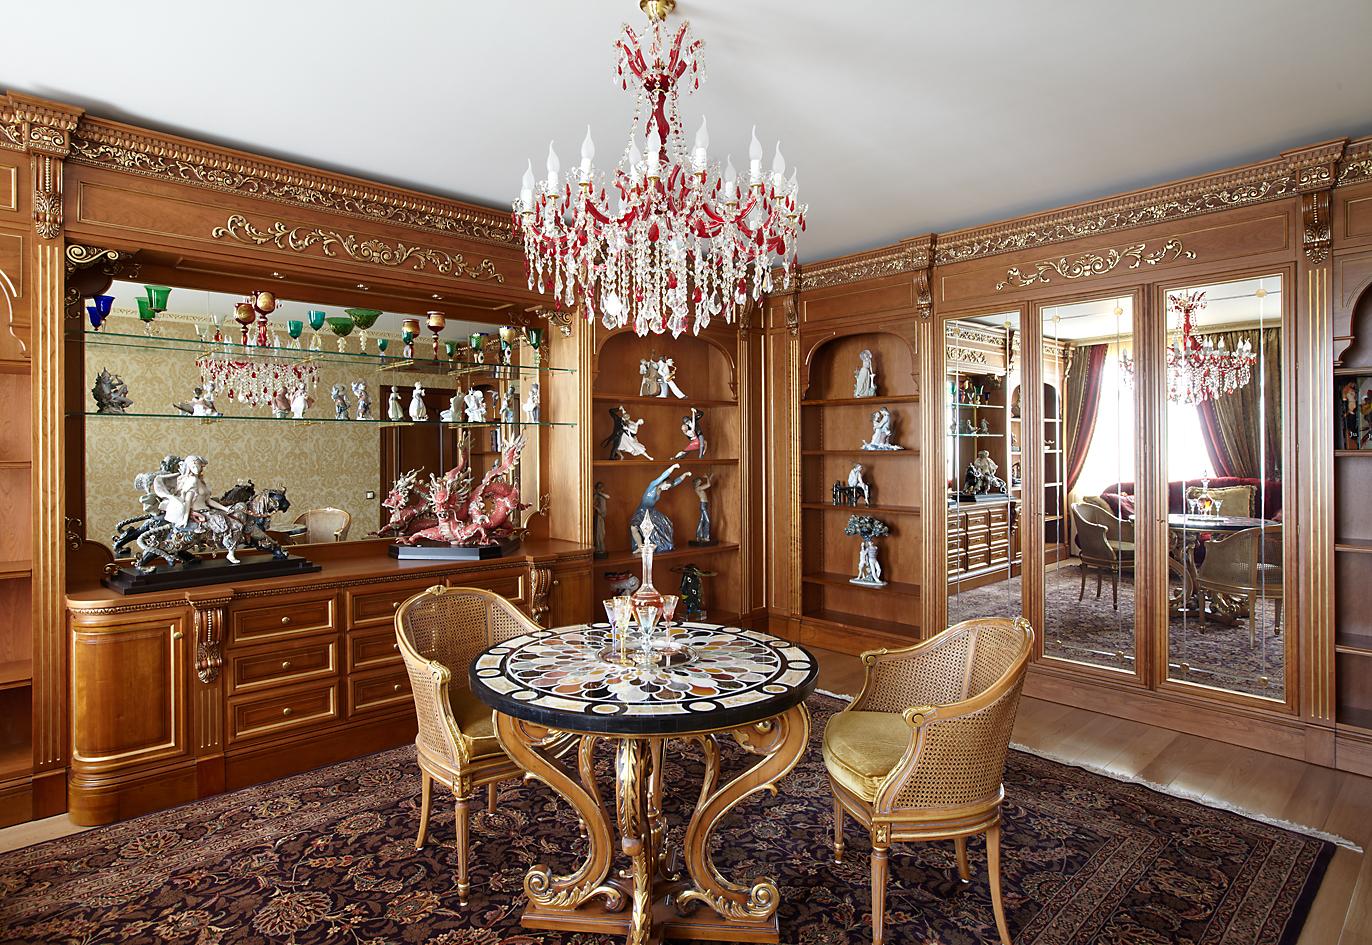 Пример того, как выглядят мебельные комплекты - гостиные из натурального дерева классика для обустройства загородного дома